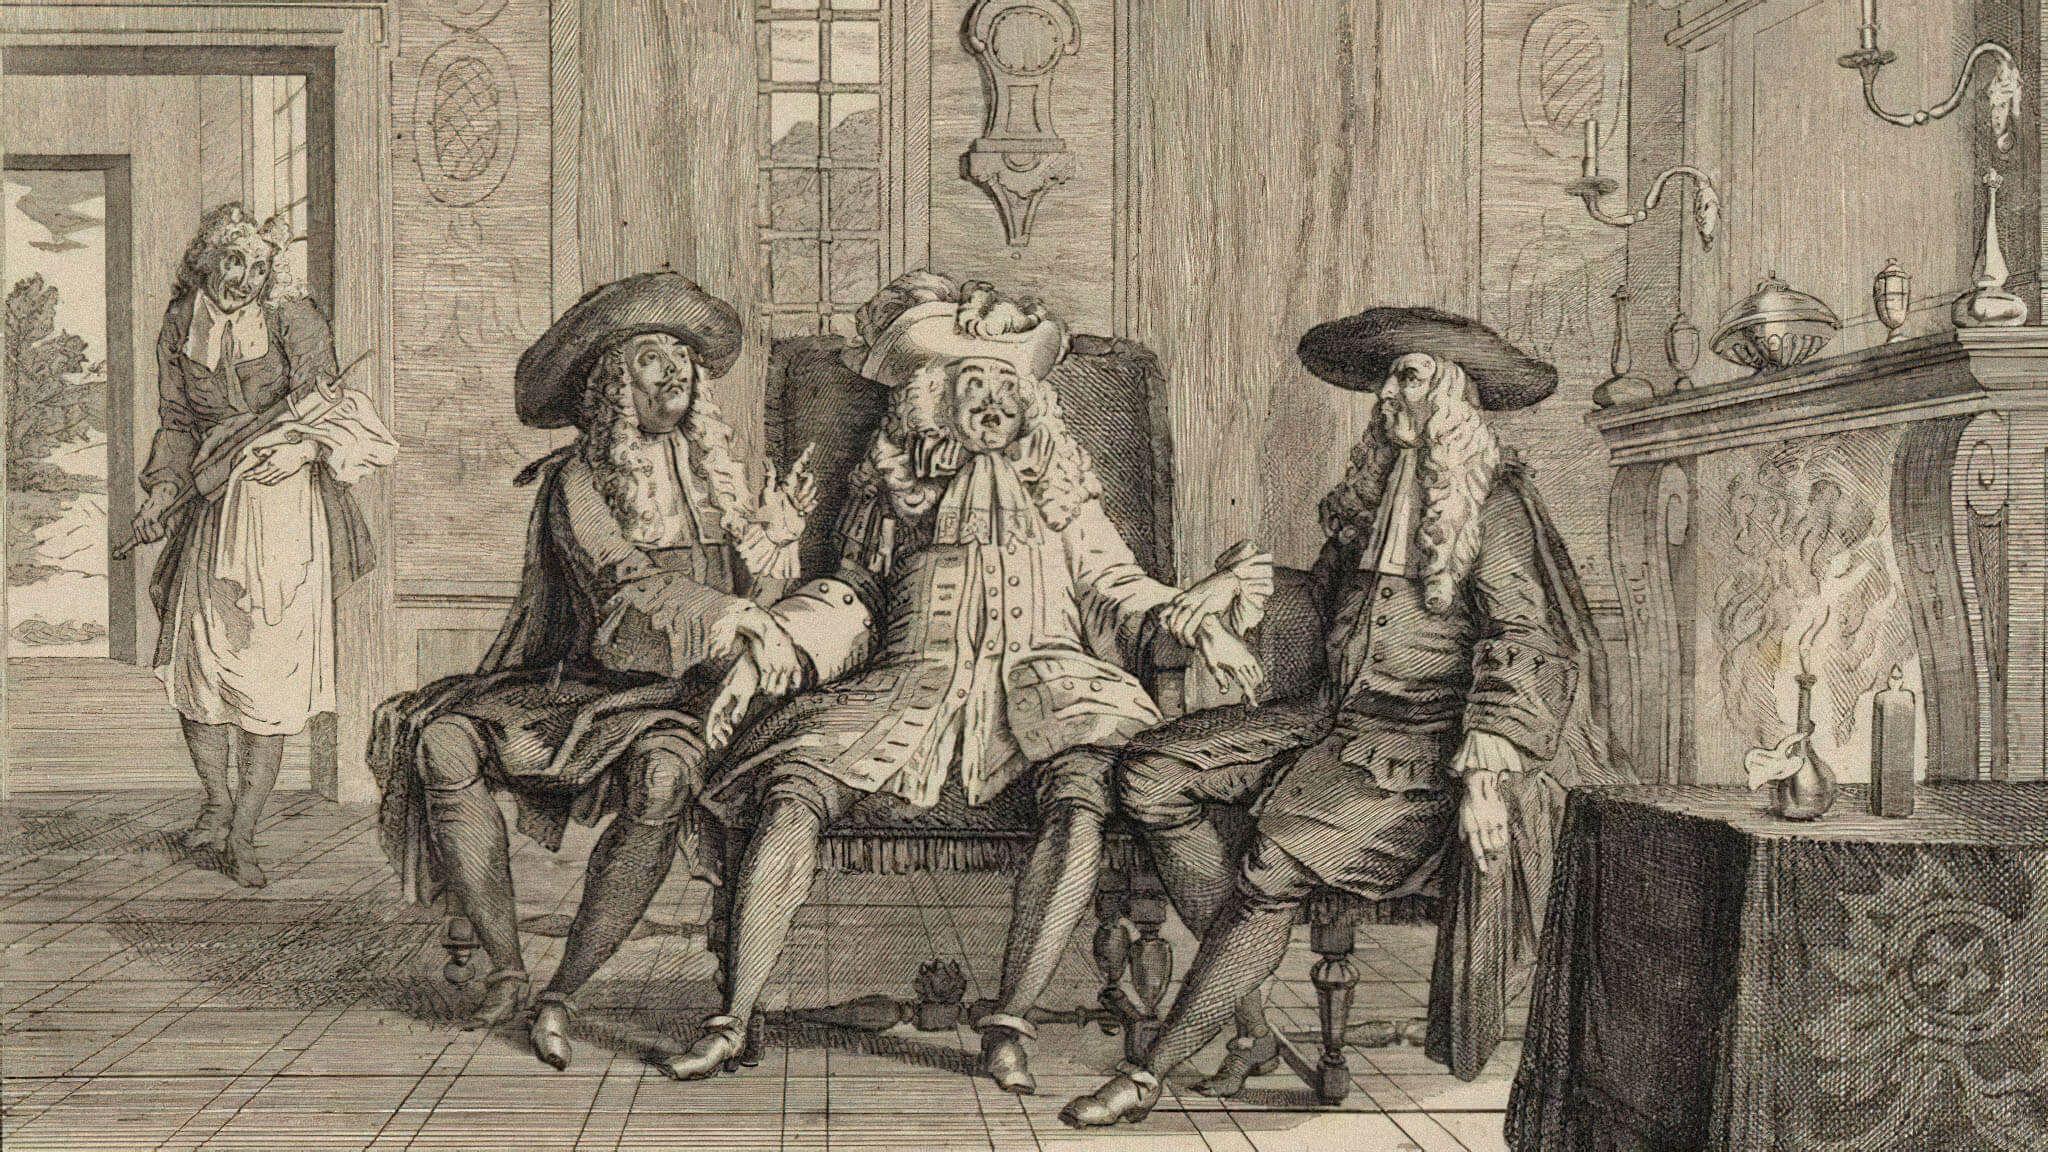 Иллюстрация к пьесе Мольера «Мнимый больной» / futura-sciences.com